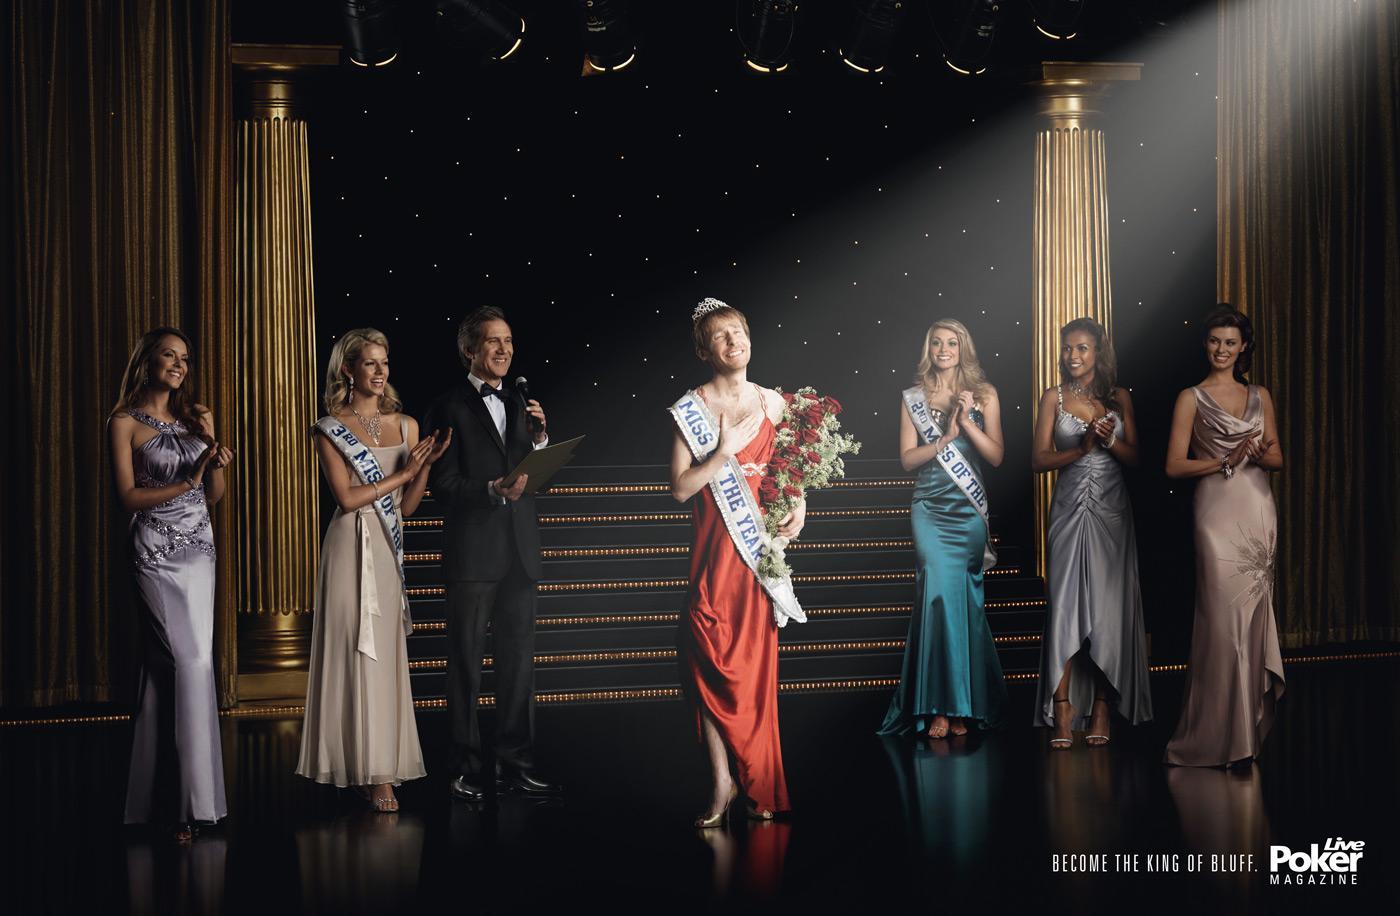 Les publicités les plus belles et les créatives sur les Miss France 54